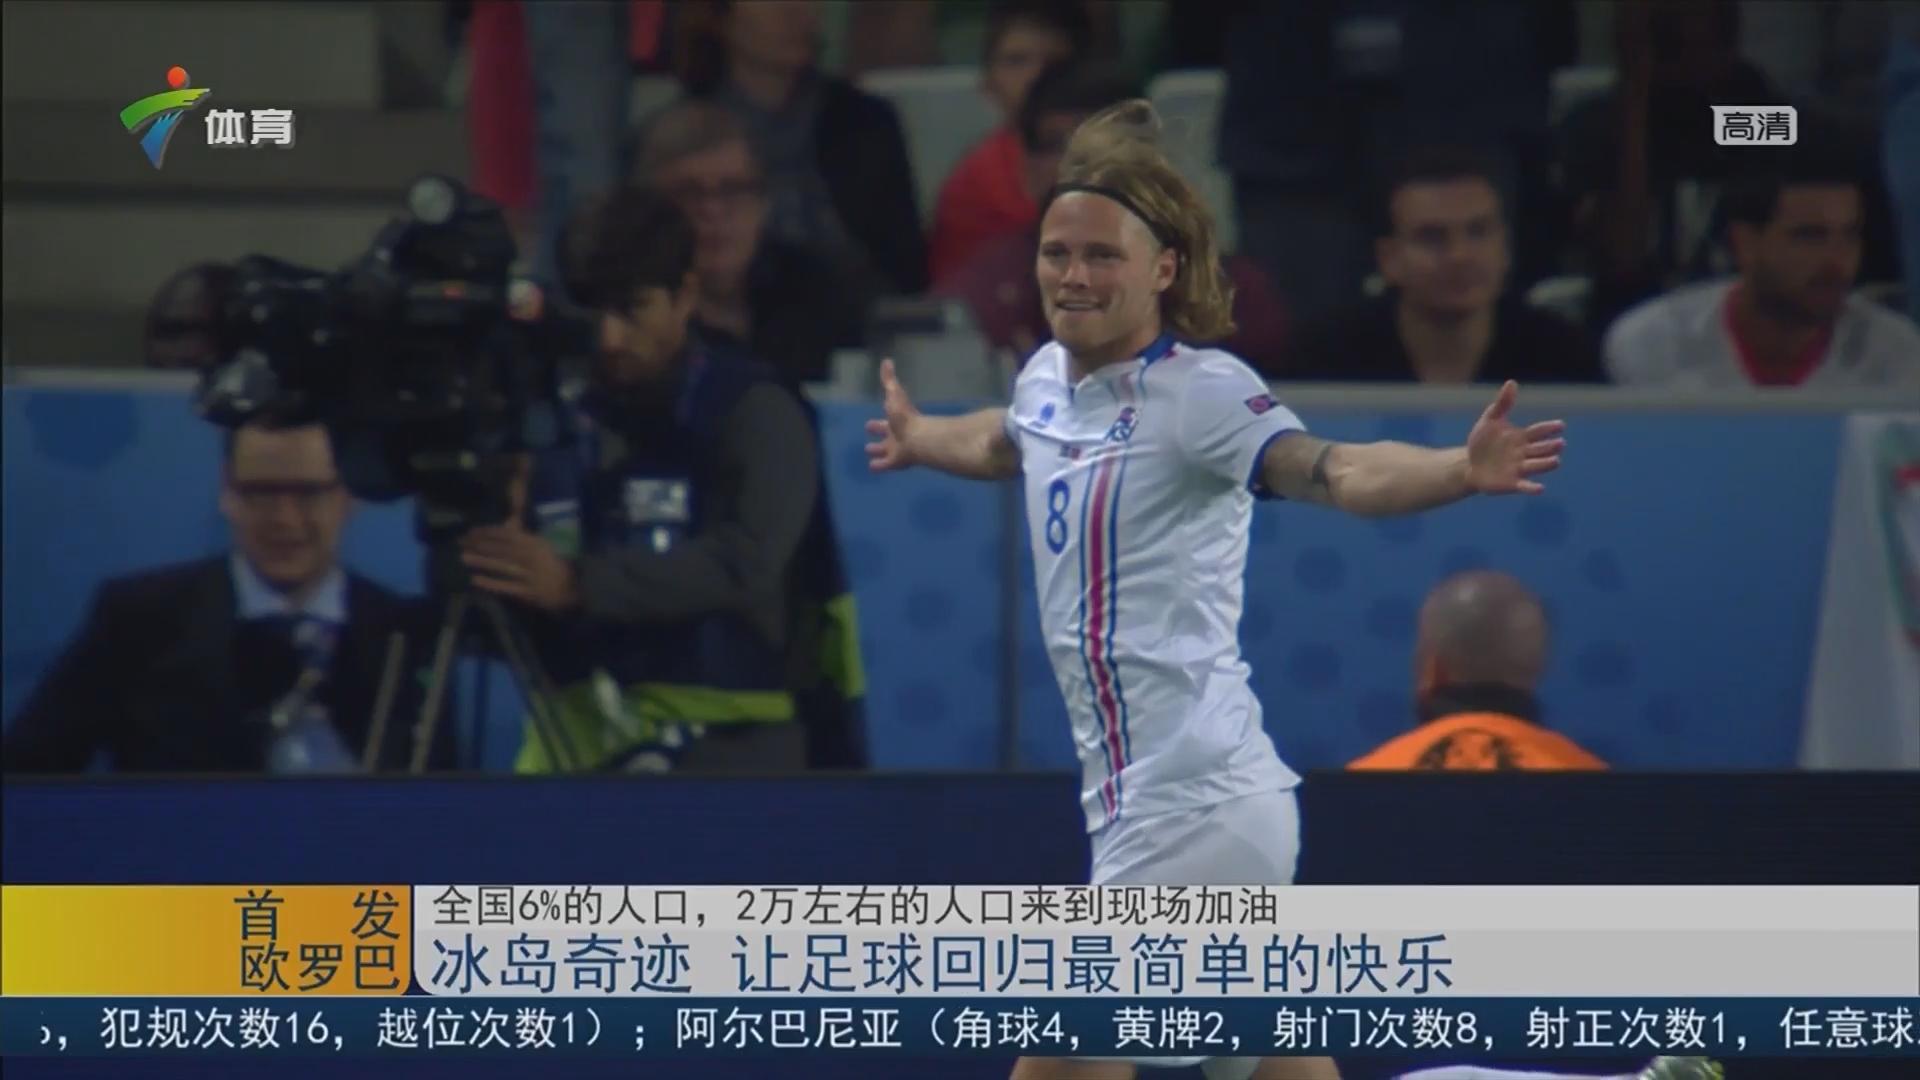 冰岛奇迹 让足球回归最简单的快乐